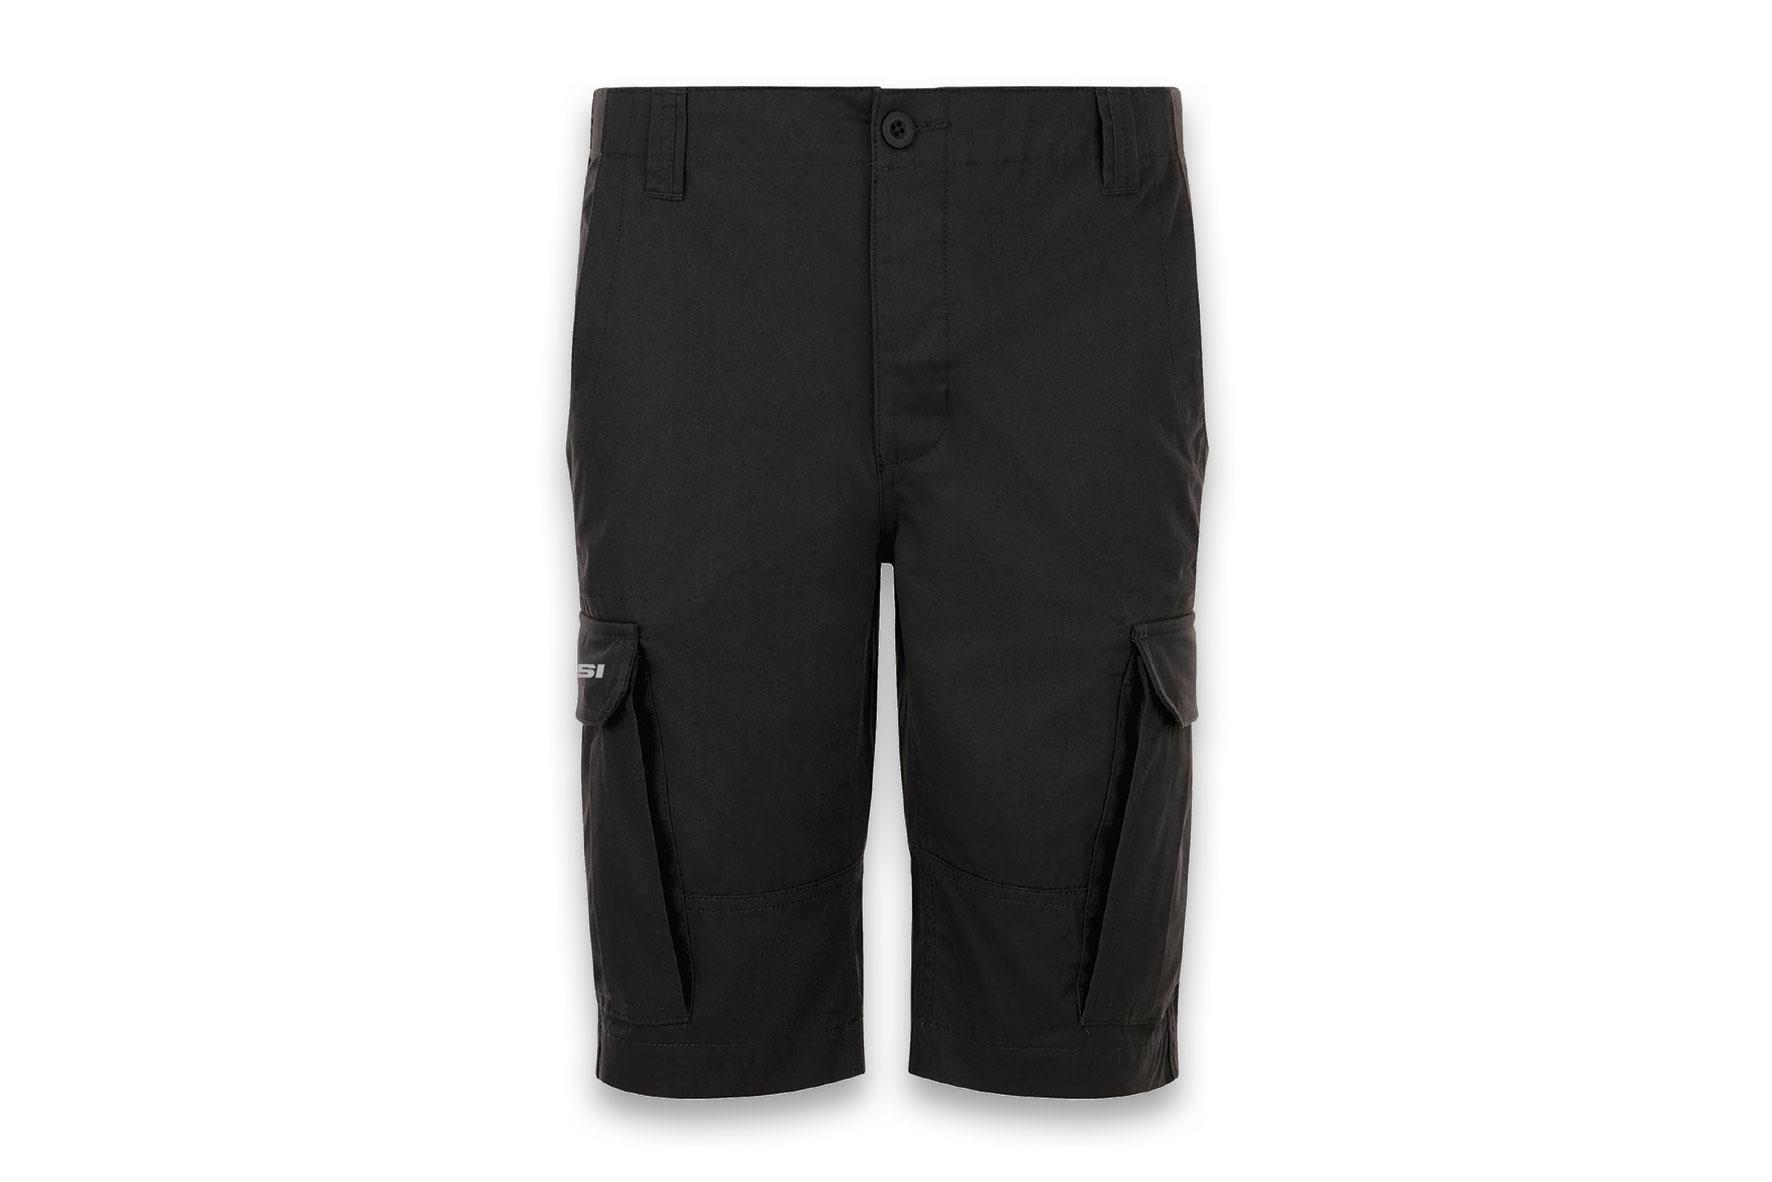 Bermuda Malossi multitasche di colore nero - taglia ( 48 )